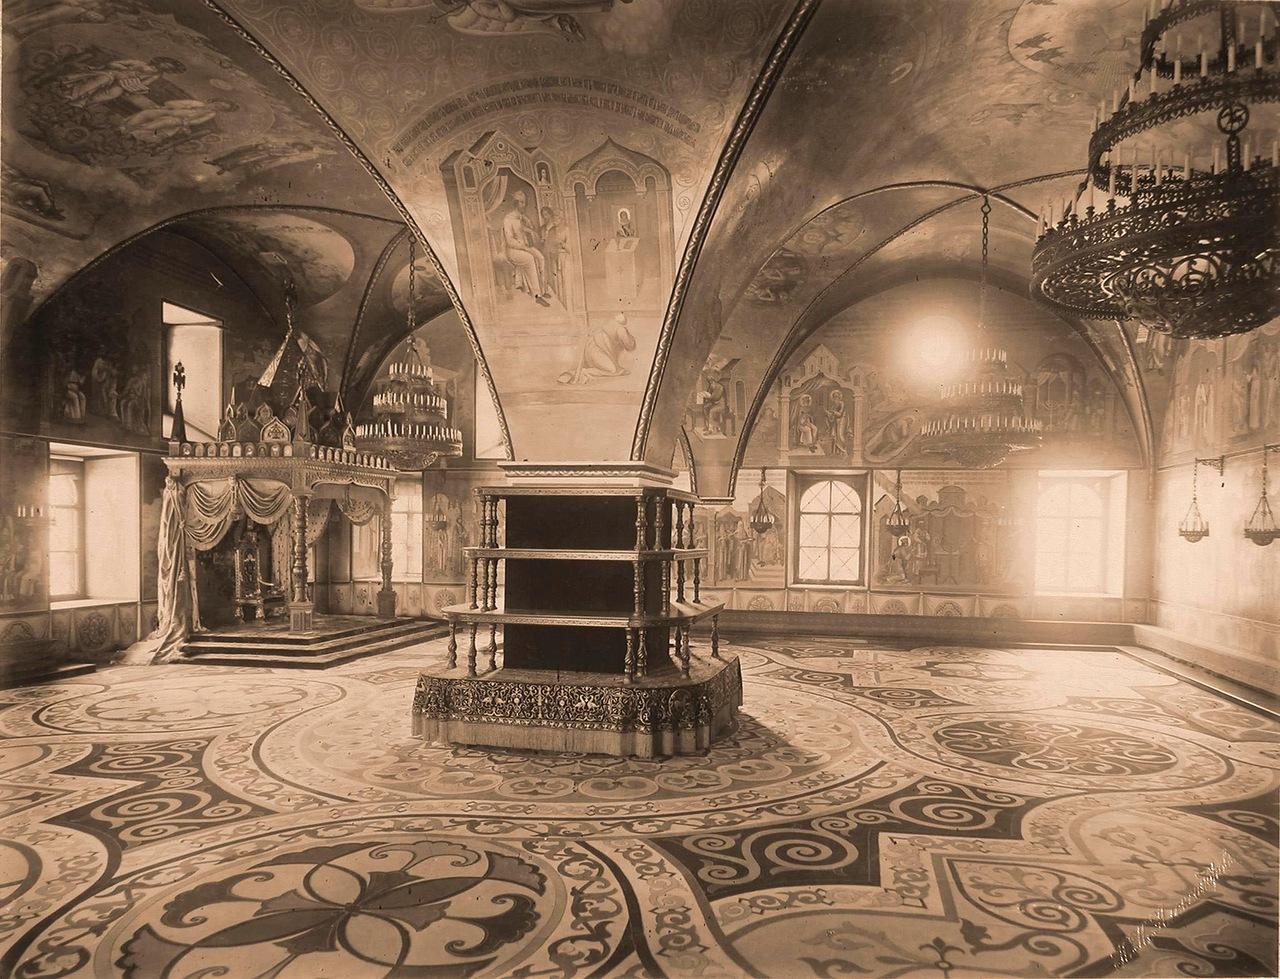 0_a84cd_c3ec1aa2_XXXLИнтерьер Грановитой палаты (построена в 1487-1491 гг. итальянскими архитекторами Марком Фрязиным и Пьетро Антонио Солари